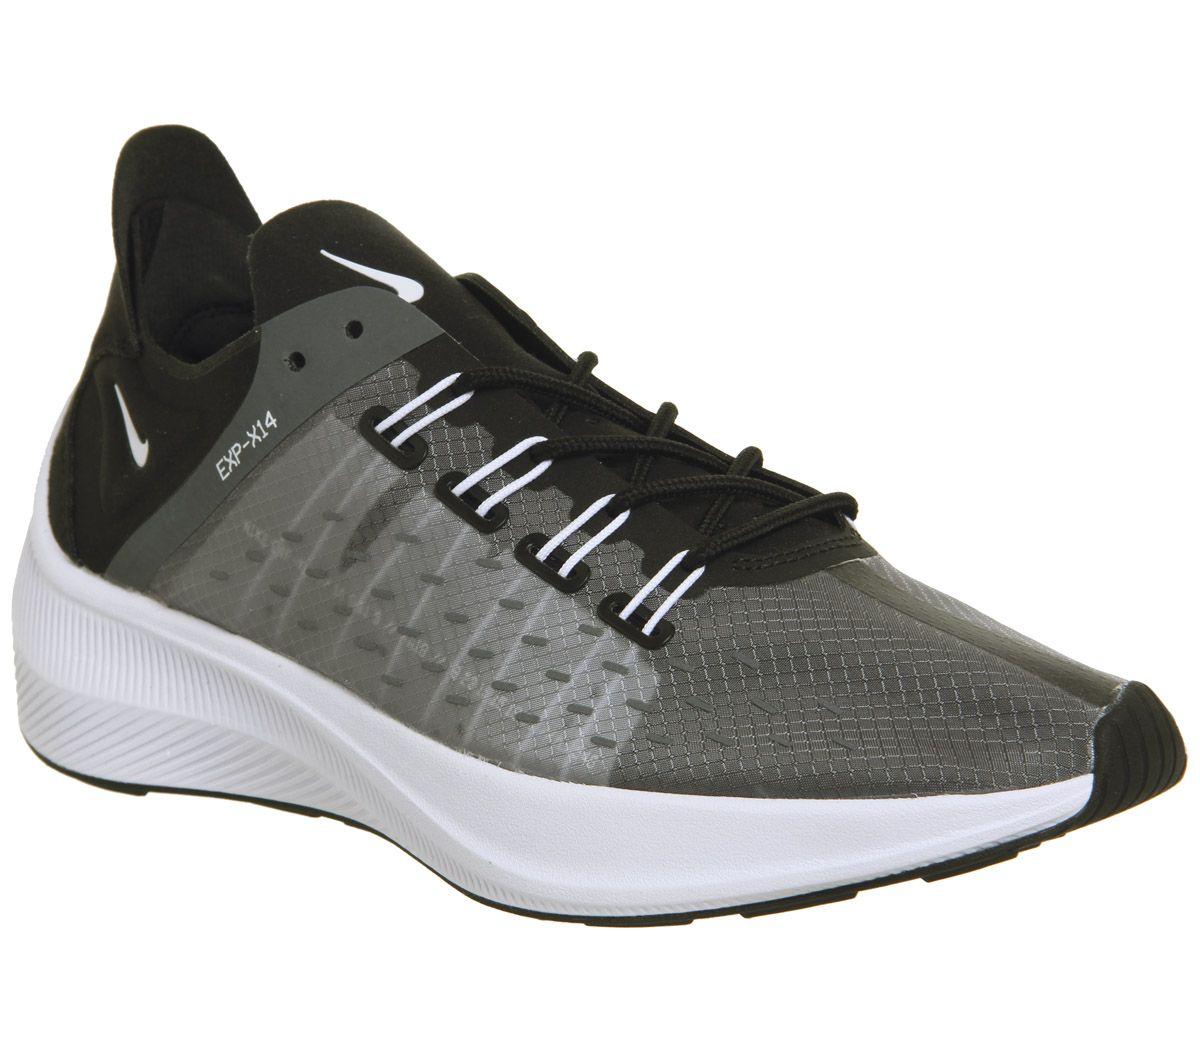 cf58b305c Nike Nike Exp-x14 Racer Trainers Black Grey White Wolf Grey F - Hers ...